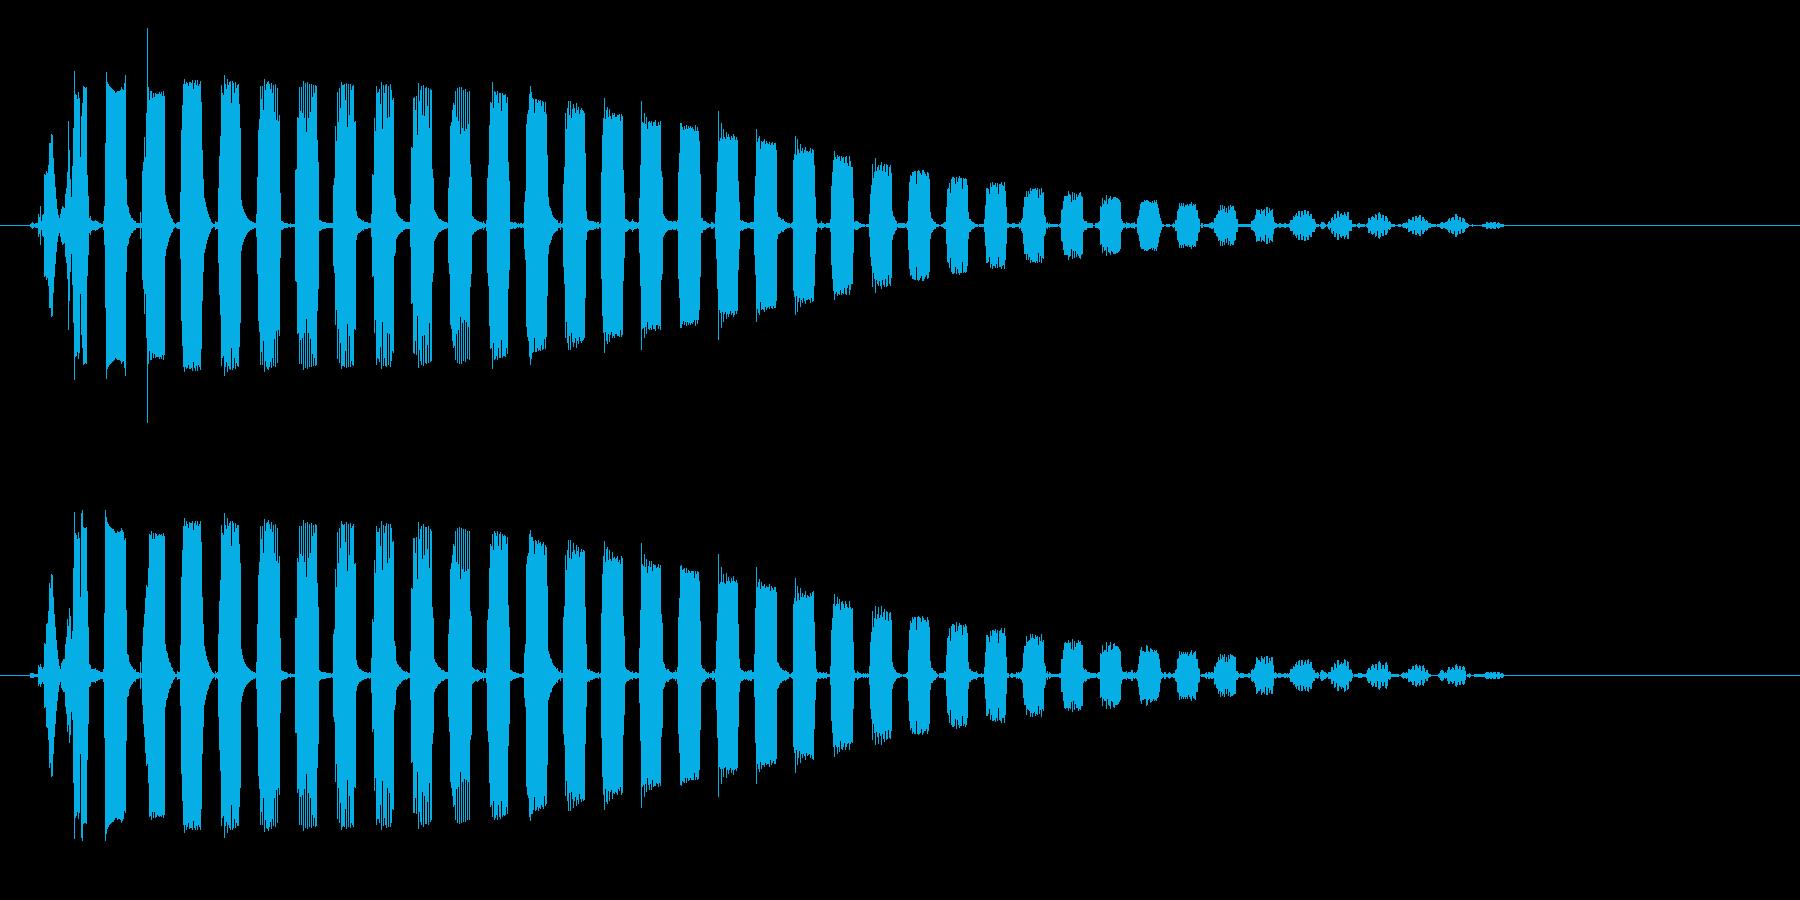 チョワーン(ゲーム音)の再生済みの波形